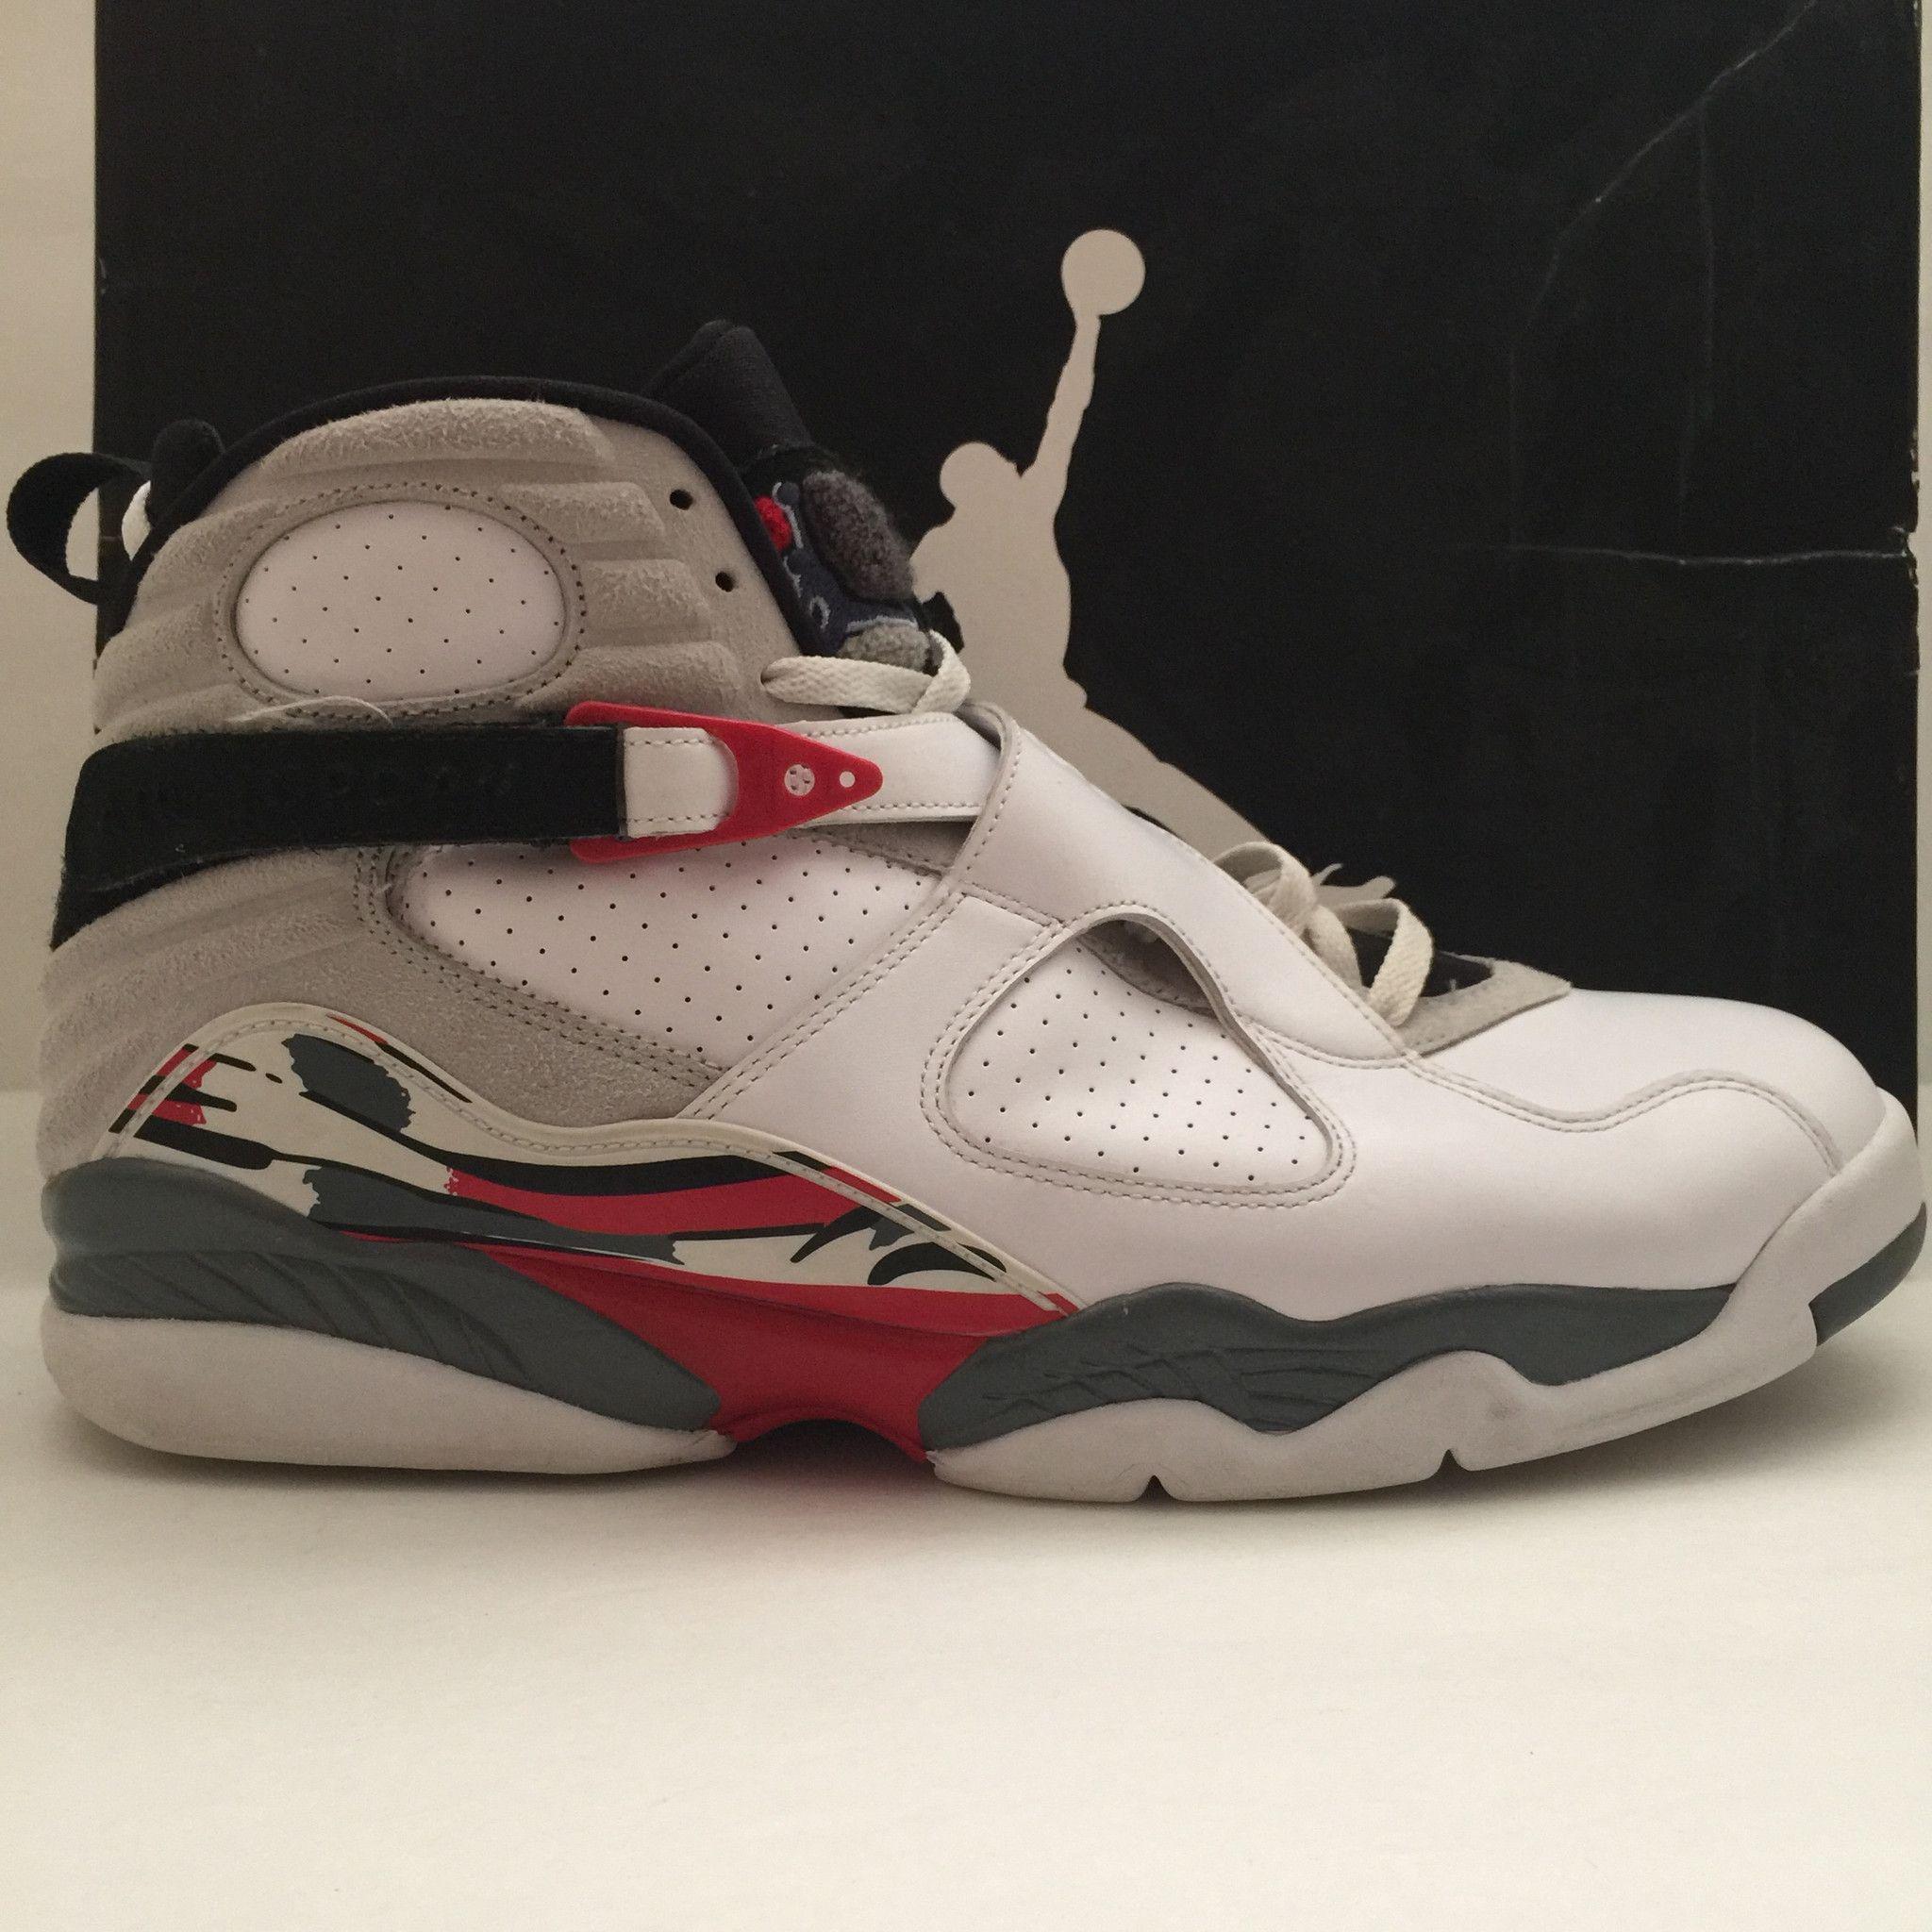 Nike Air Jordan 8 VIII Retro Bugs Bunny